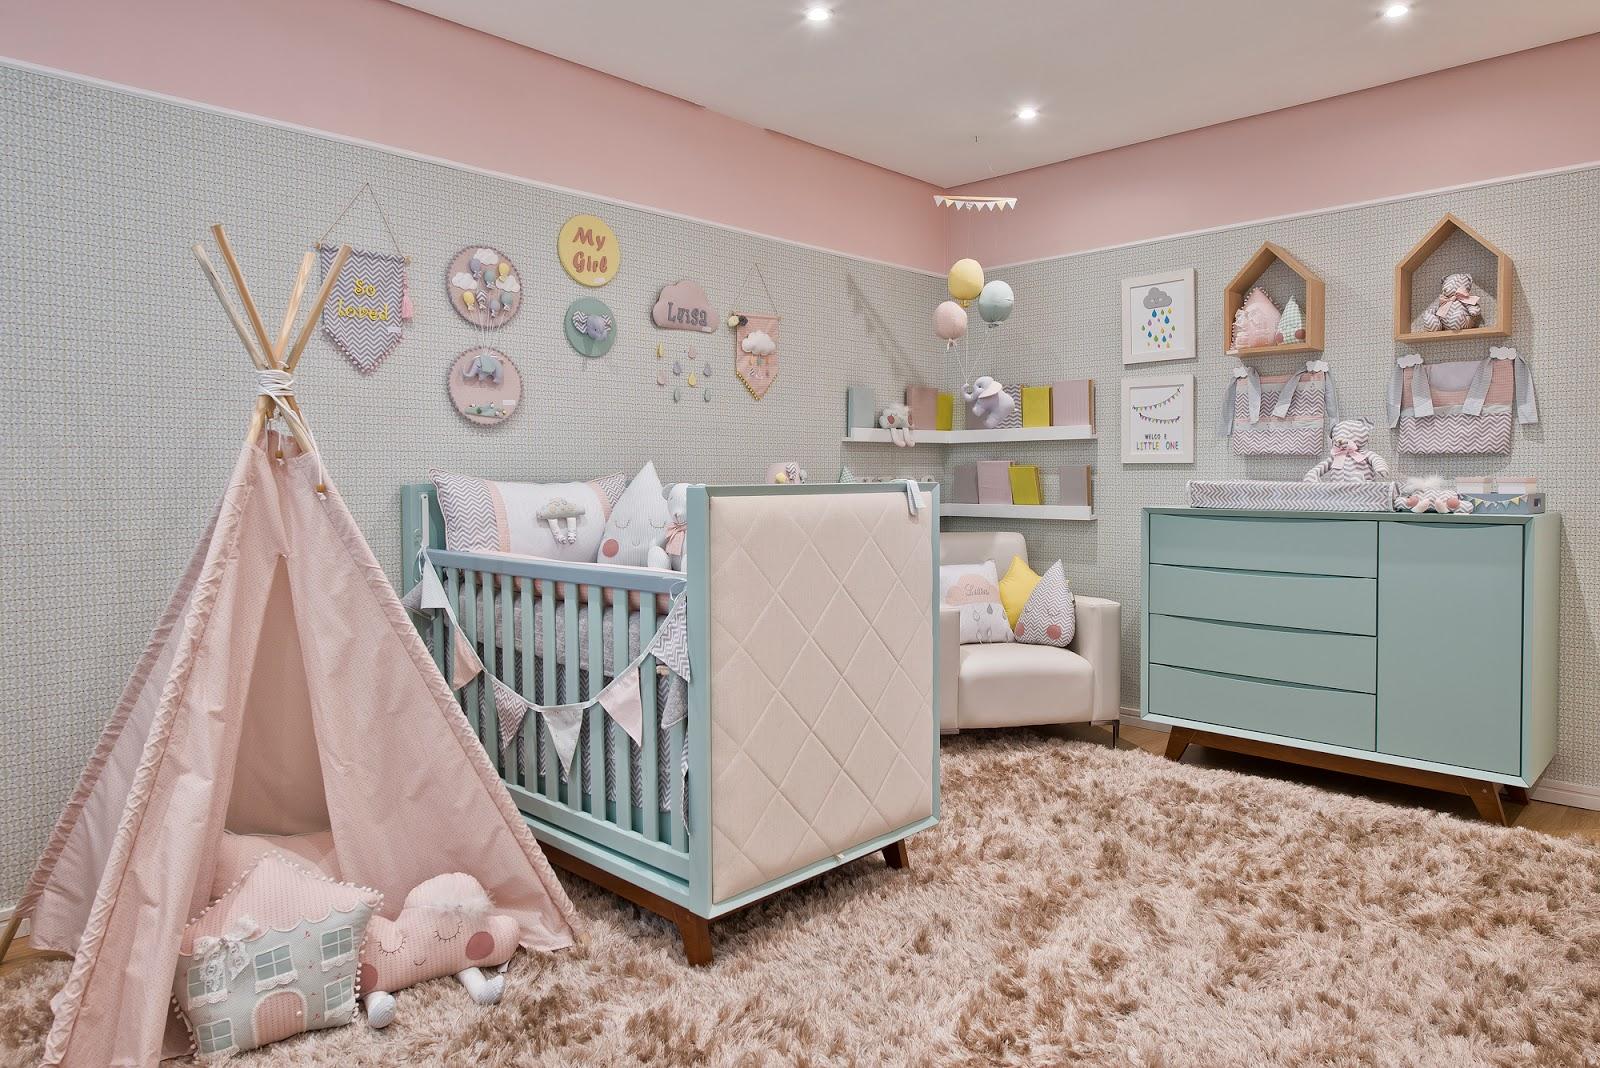 Quarto De Menina Com Cama Casinha E Tenda De Dormir Decorsalteado ~ Quarto De Bebê Montessoriano E Quarto Para Adolescentes